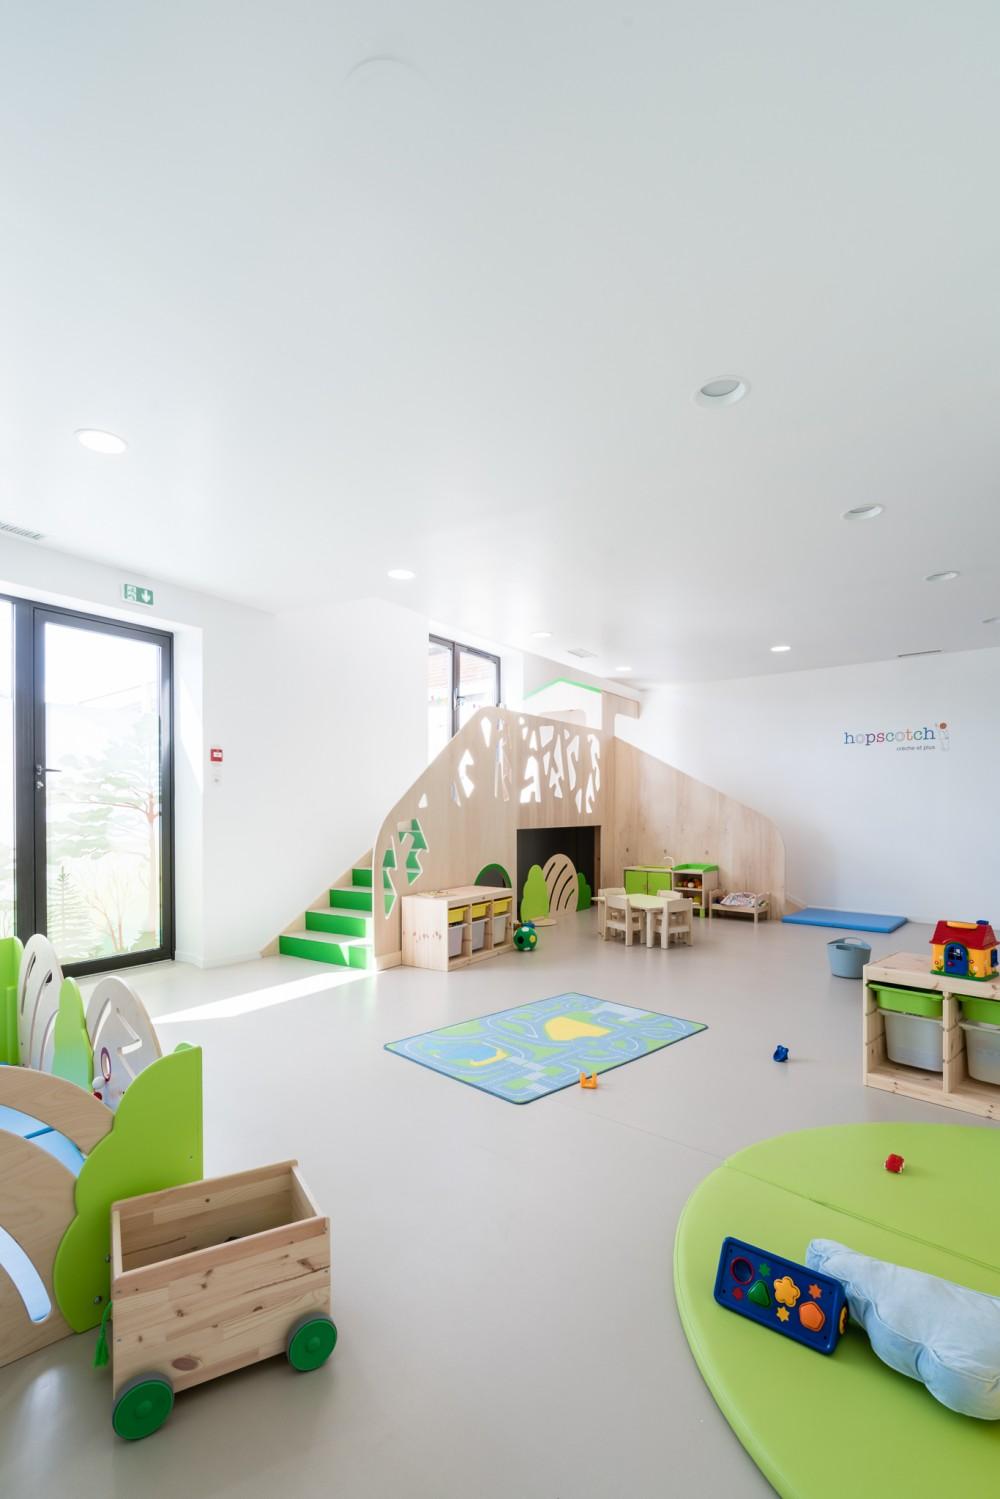 Photographe-Architecture-Interieur-Croix-Seguey-Bordeaux-Fabre-deMarien-Architectes-8